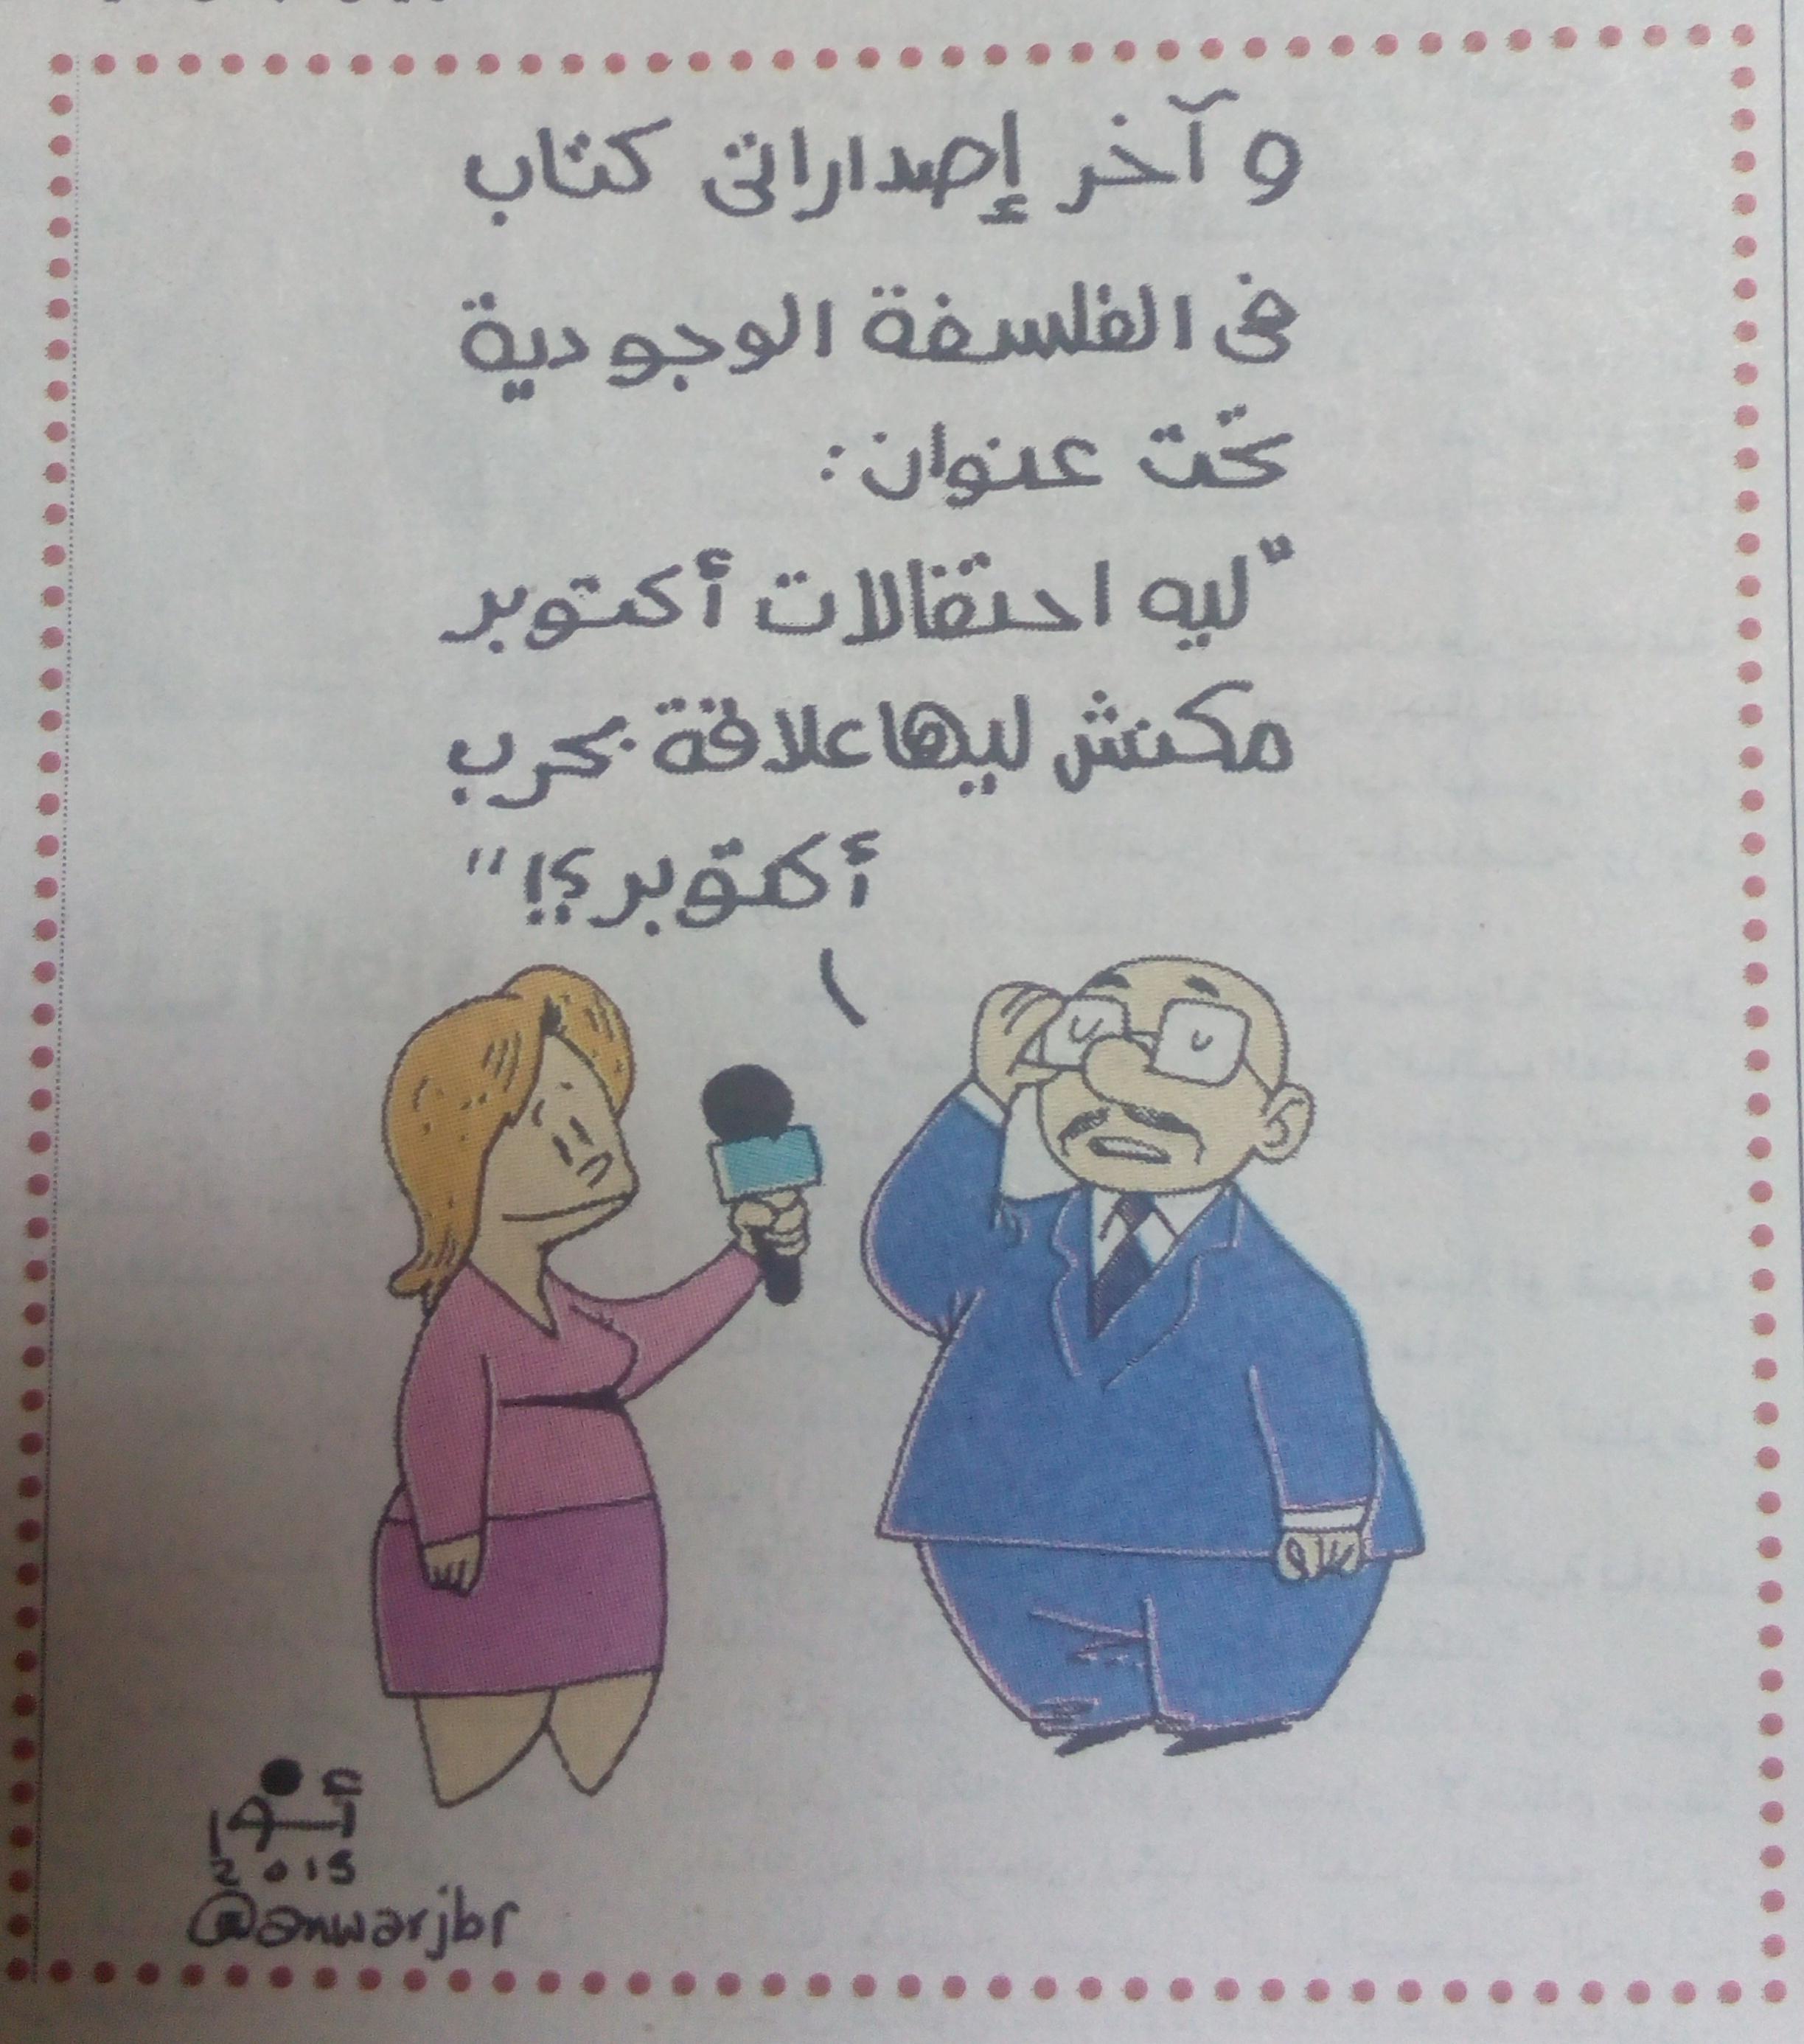 كاريكاتير أنور في المصري اليوم